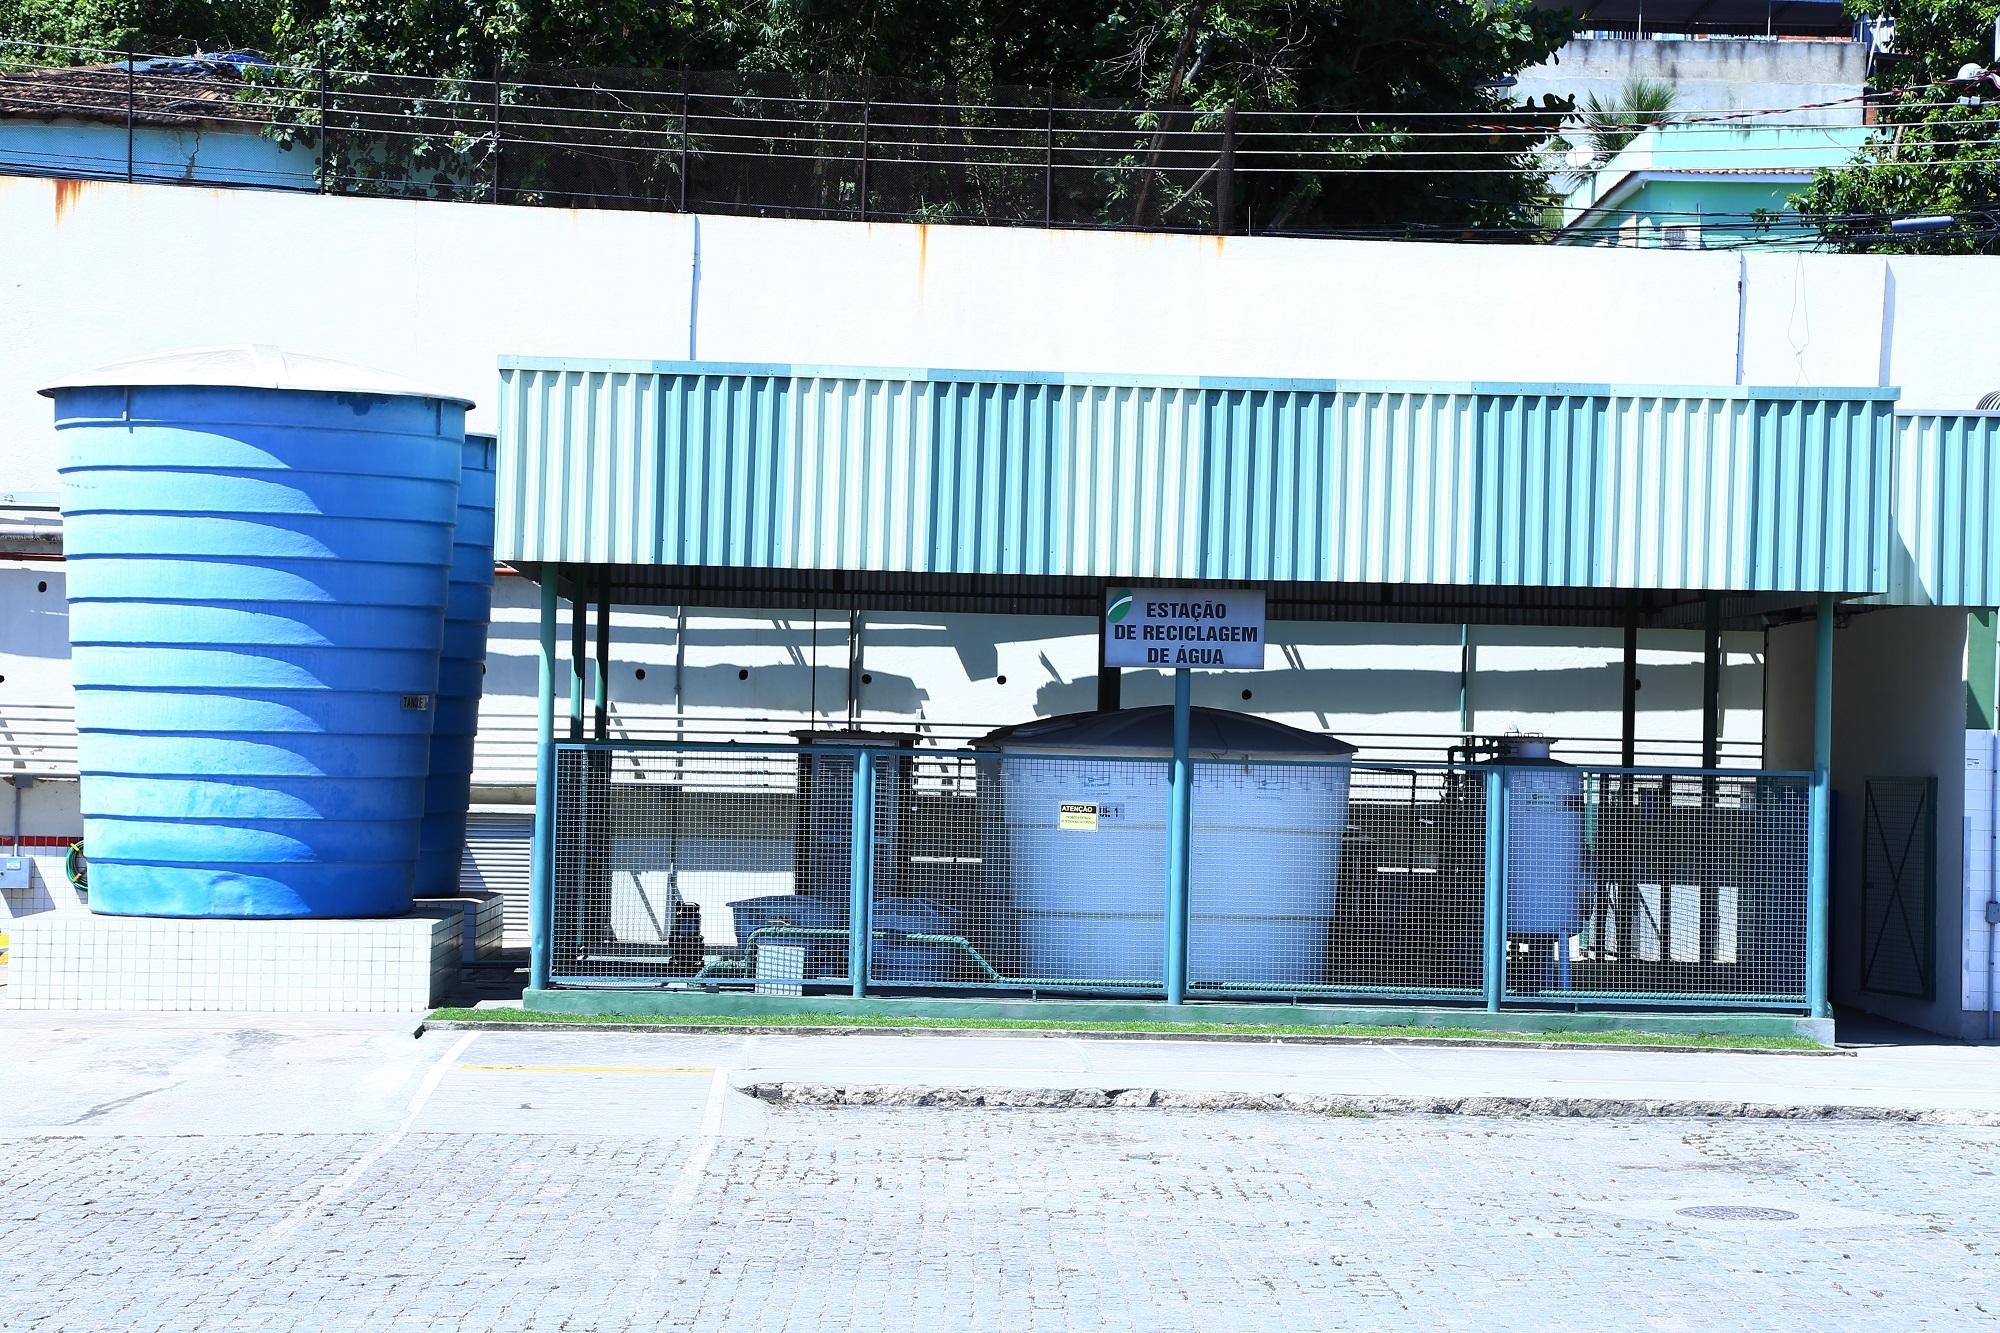 Estação de reúso de água